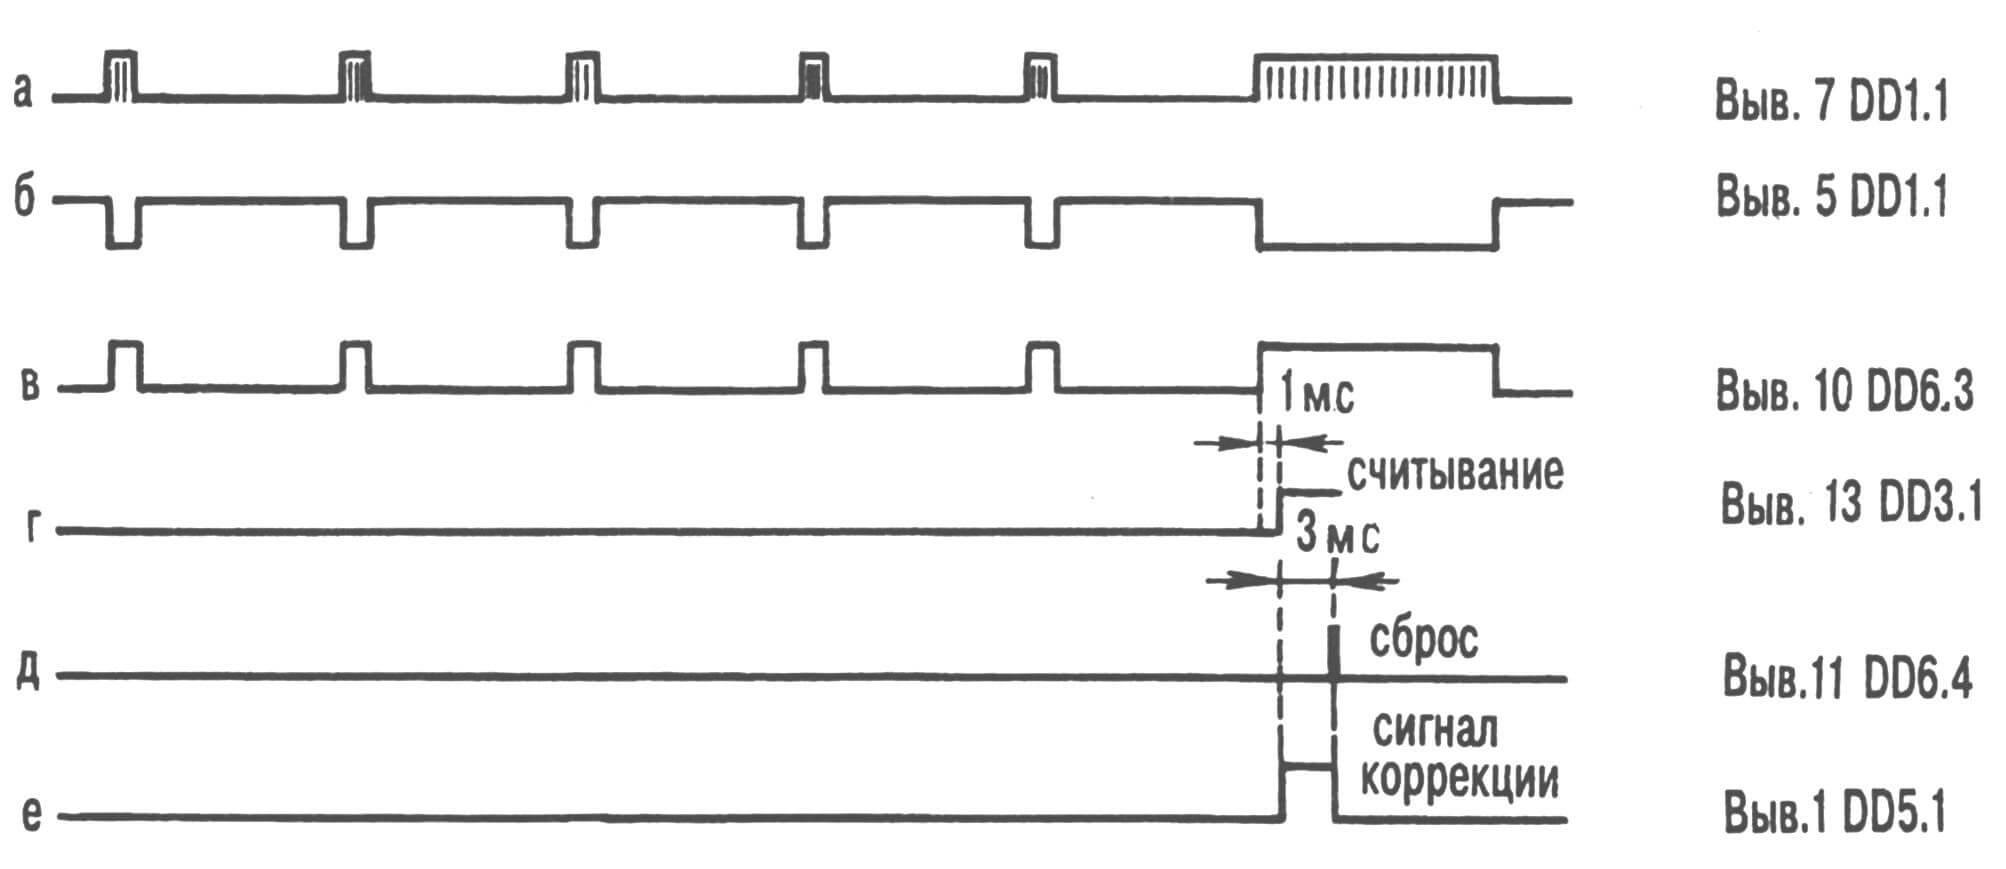 Рис. 1. Временные диаграммы работы блока коррекции часов по эталонным сигналам, передаваемым в радиотрансляционной сети.